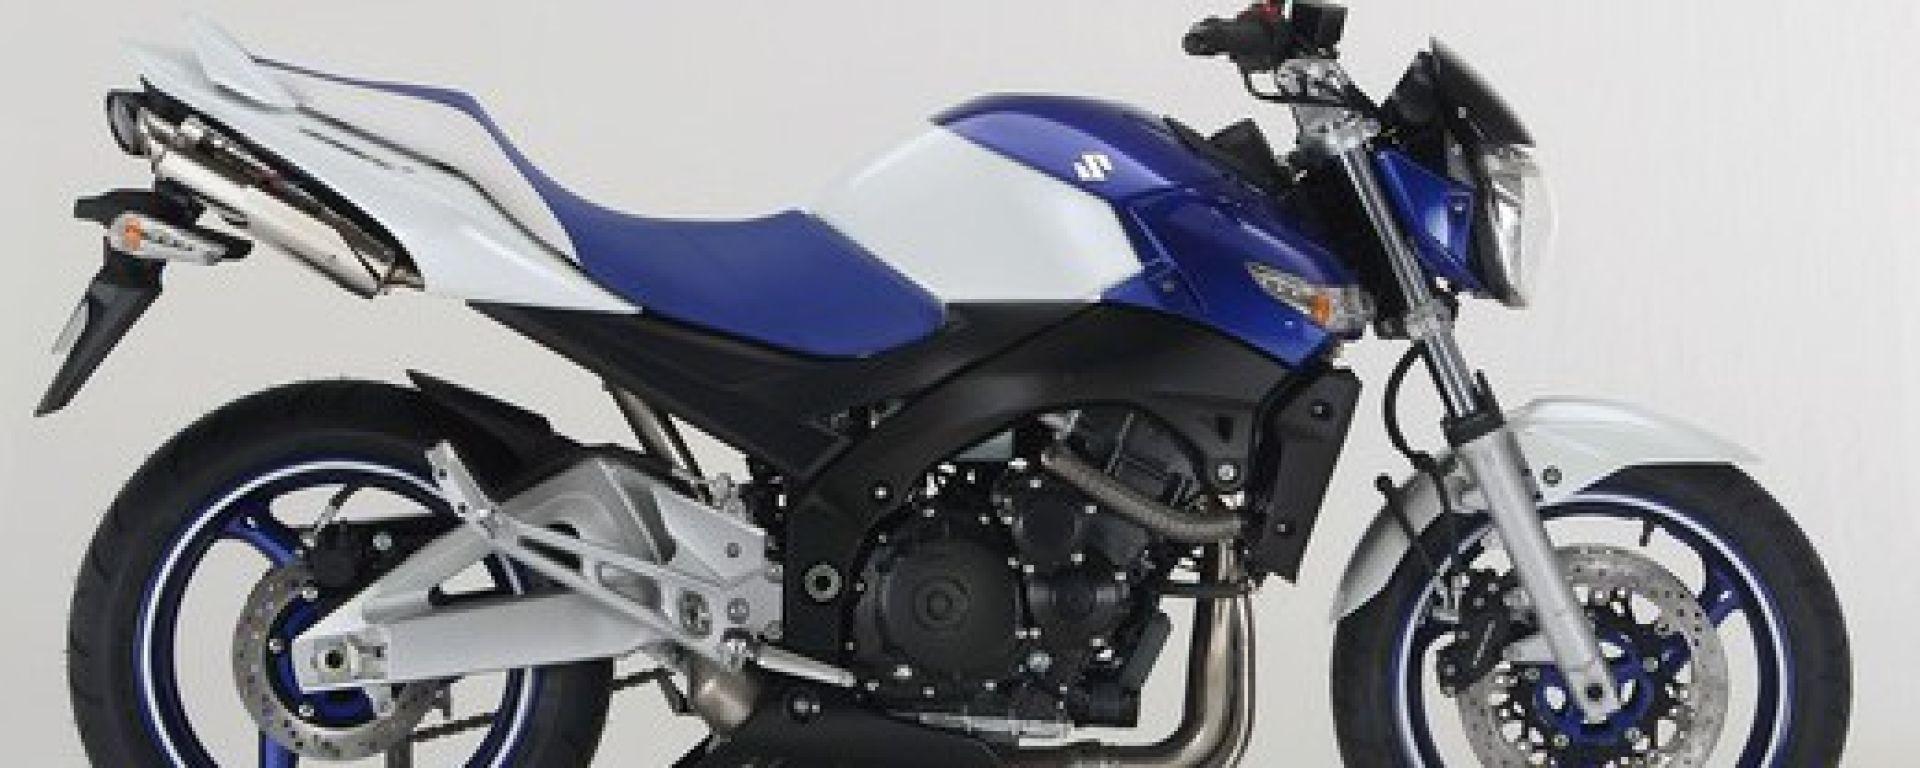 Suzuki GSR Special